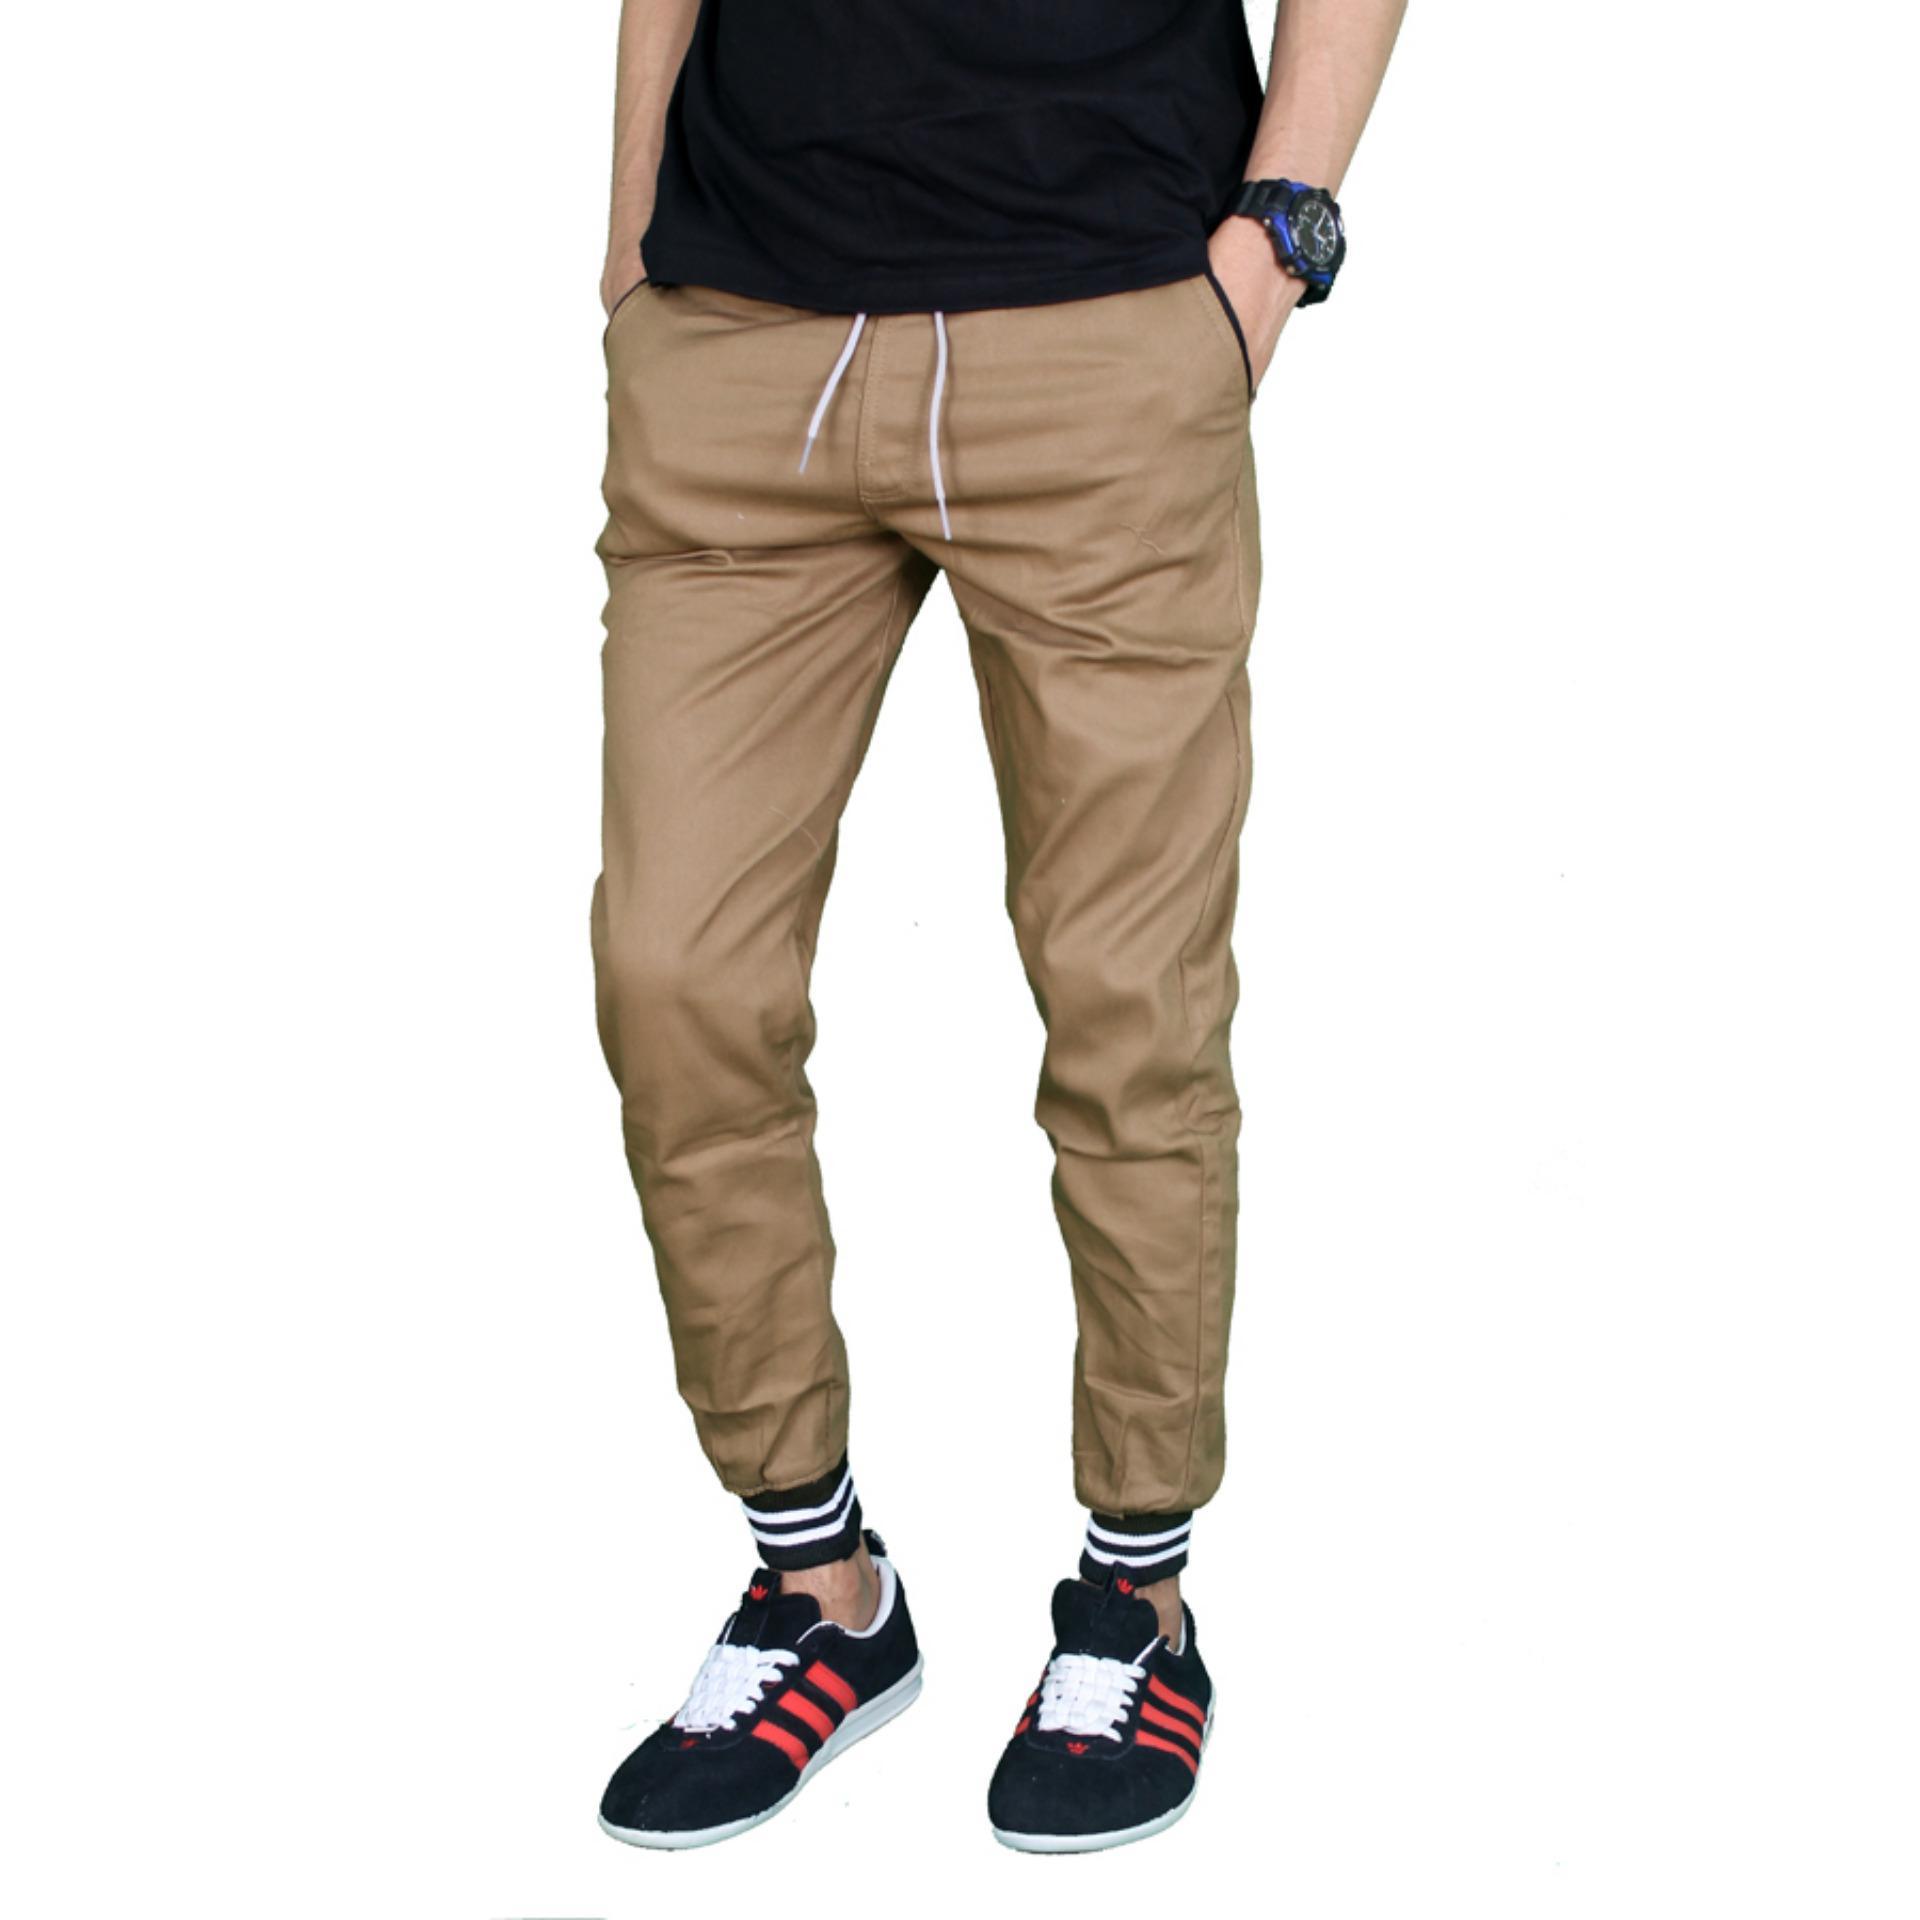 Gudang Fashion - Celana Panjang Jogger Pria Casual - Krem .